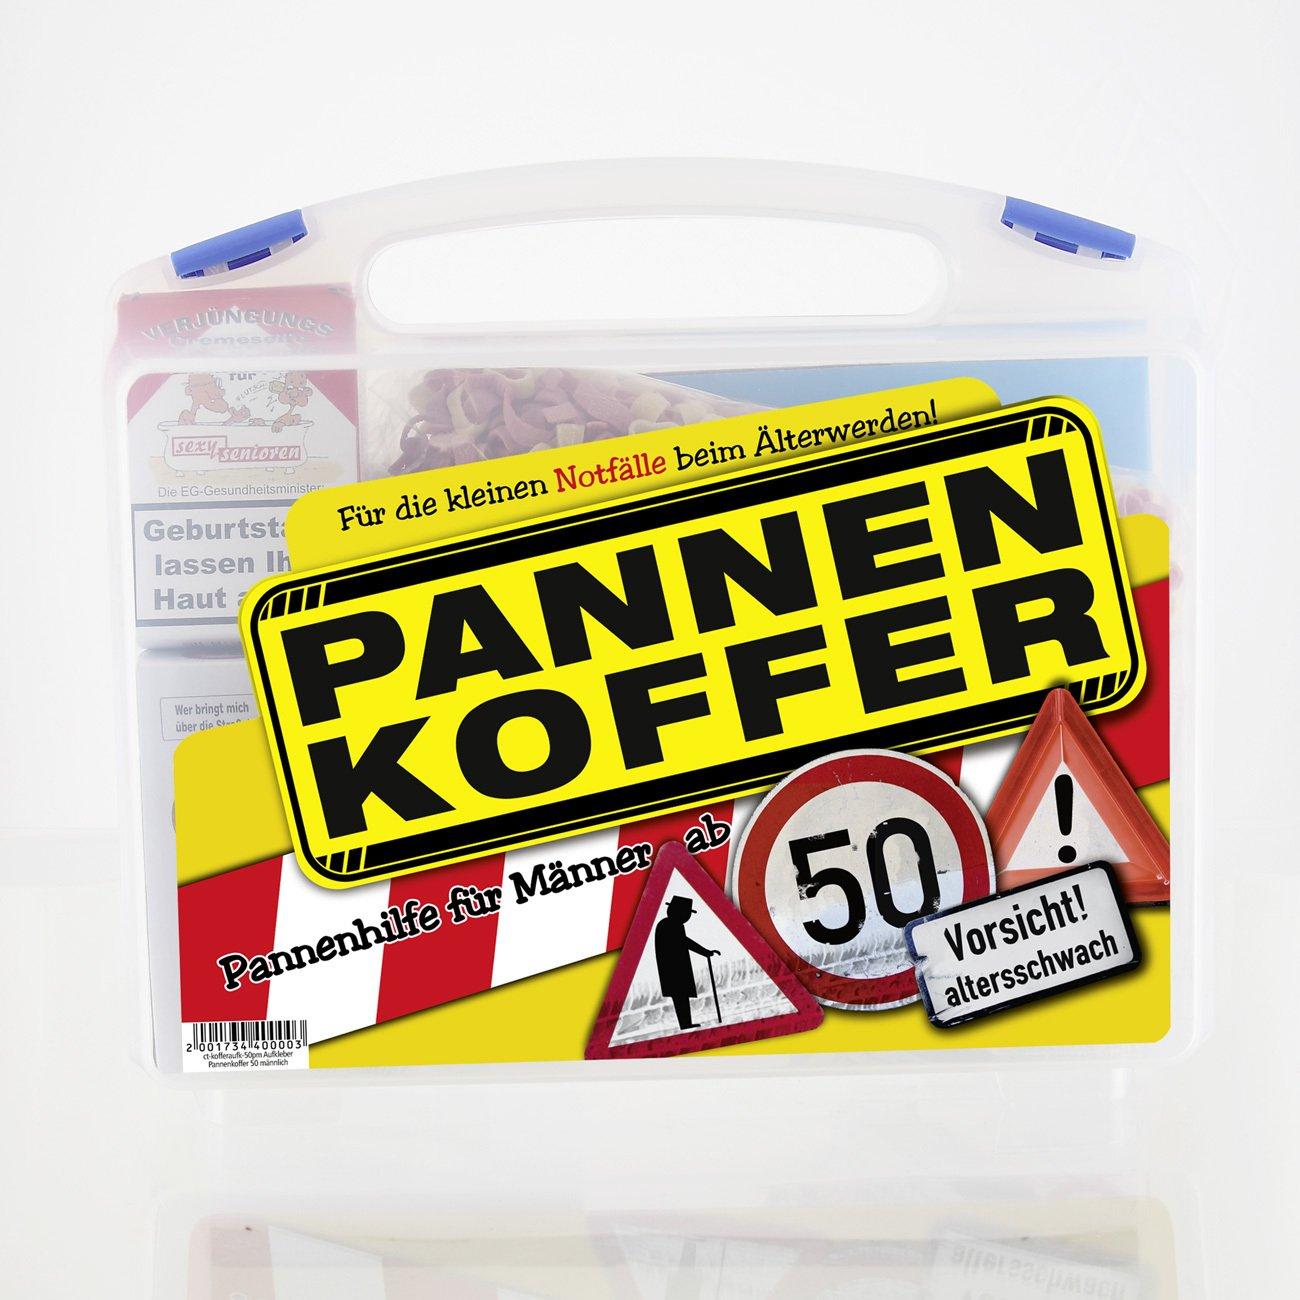 Lustige Apotheke Pannenkoffer für den Mann ab 50 (8 teilig) Lustapotheke®